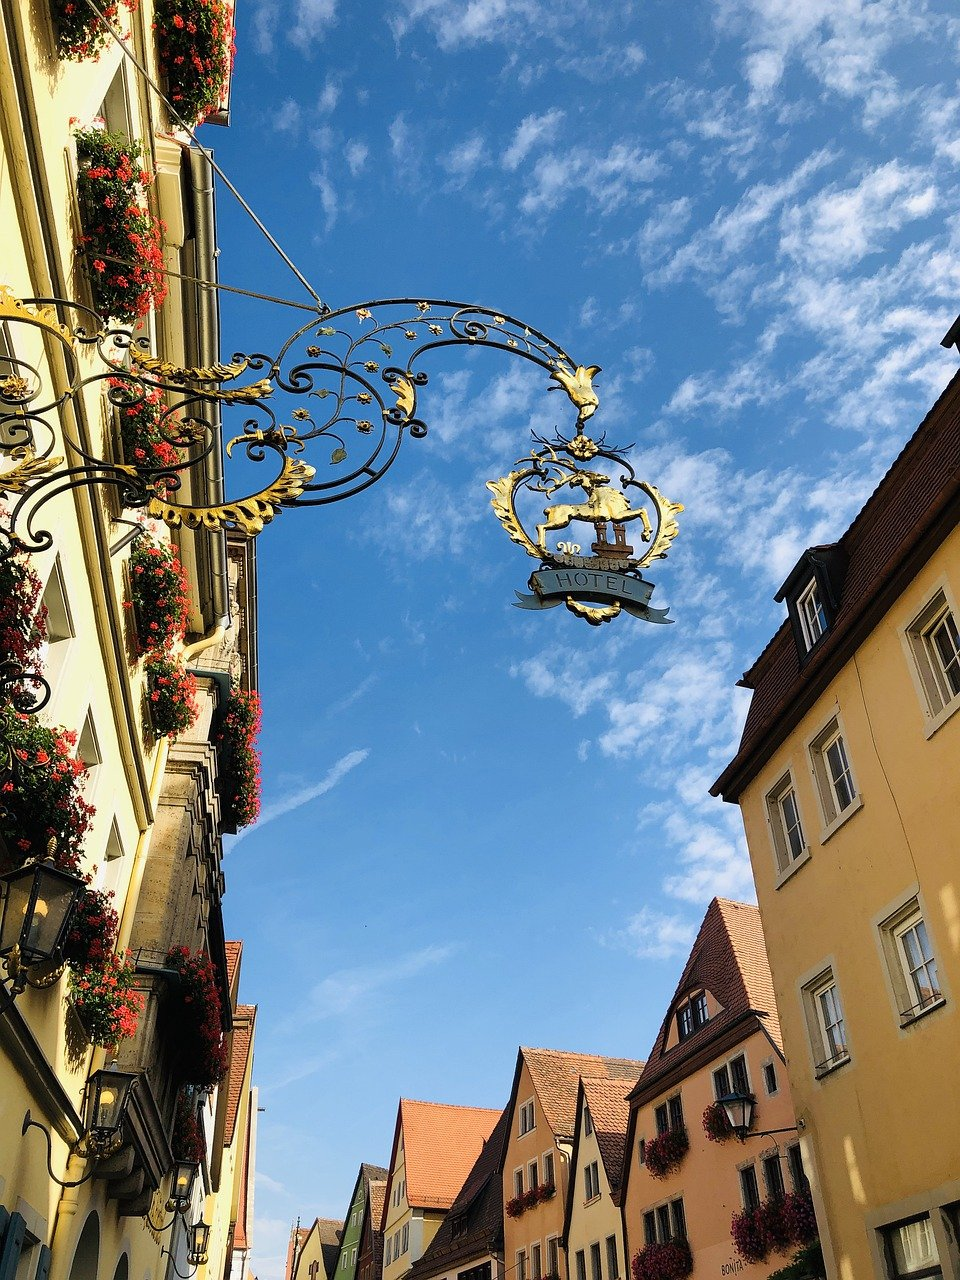 rothenburg-of-the-deaf-5300592_1280